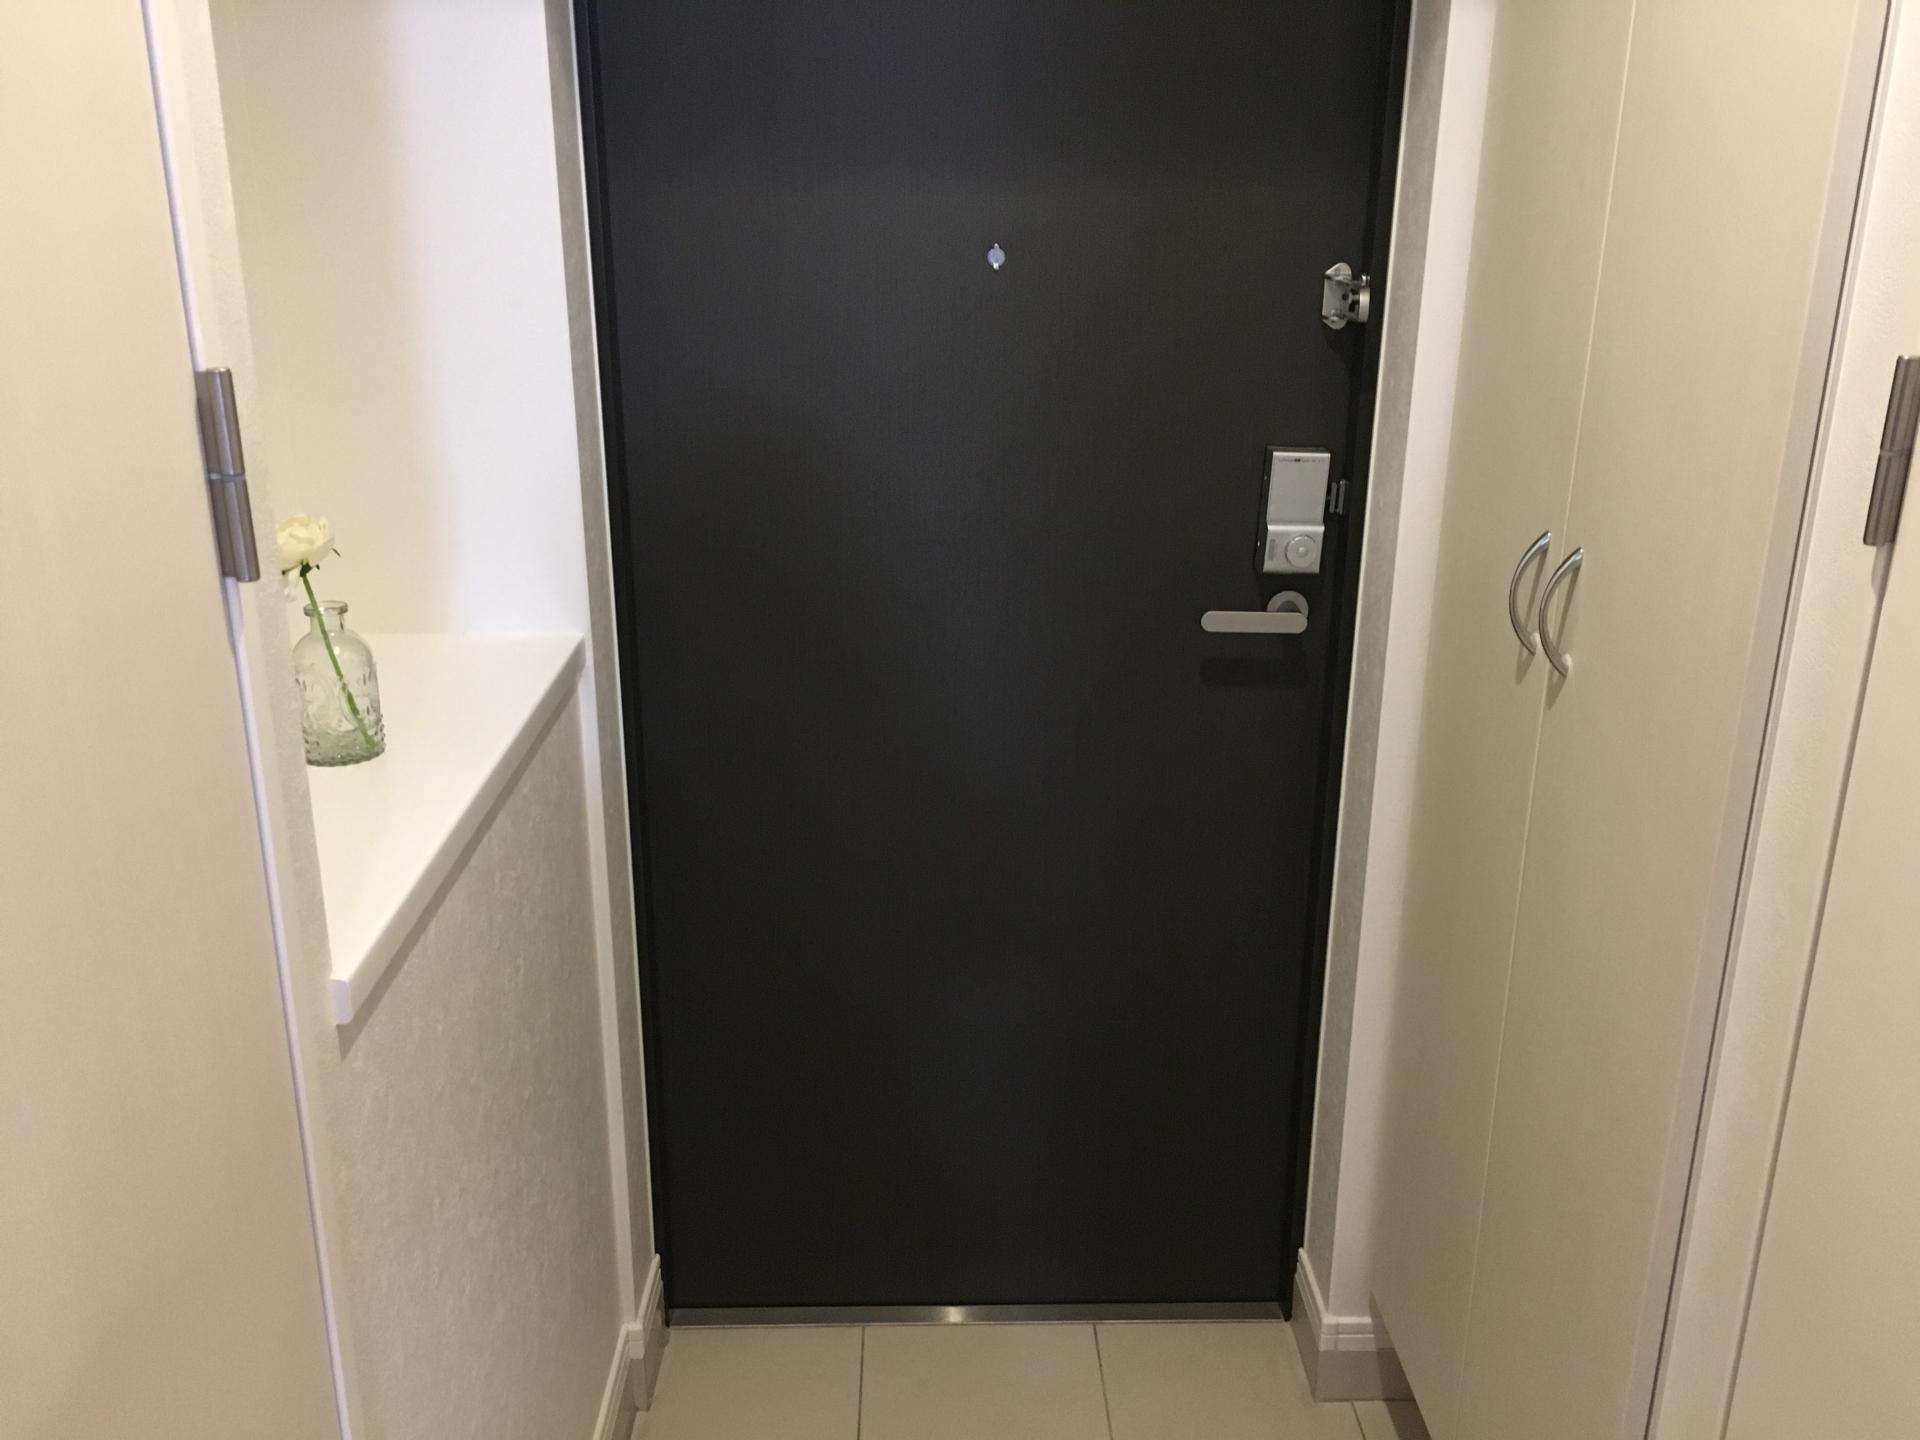 ワンタッチオープンの自動収納タイプ。玄関引戸・各種ドアに対応した万能網戸。『ワンタッチウェーブ』